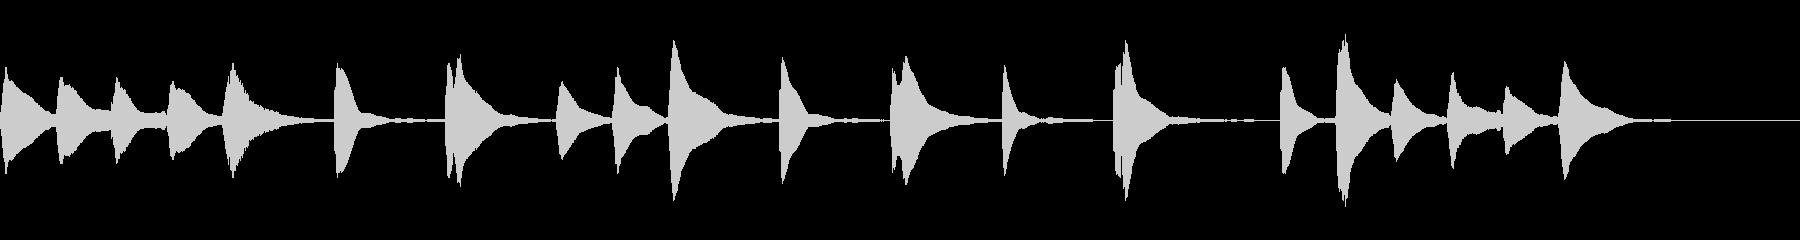 木琴ジングル12_ハッピーハッピー☆の未再生の波形